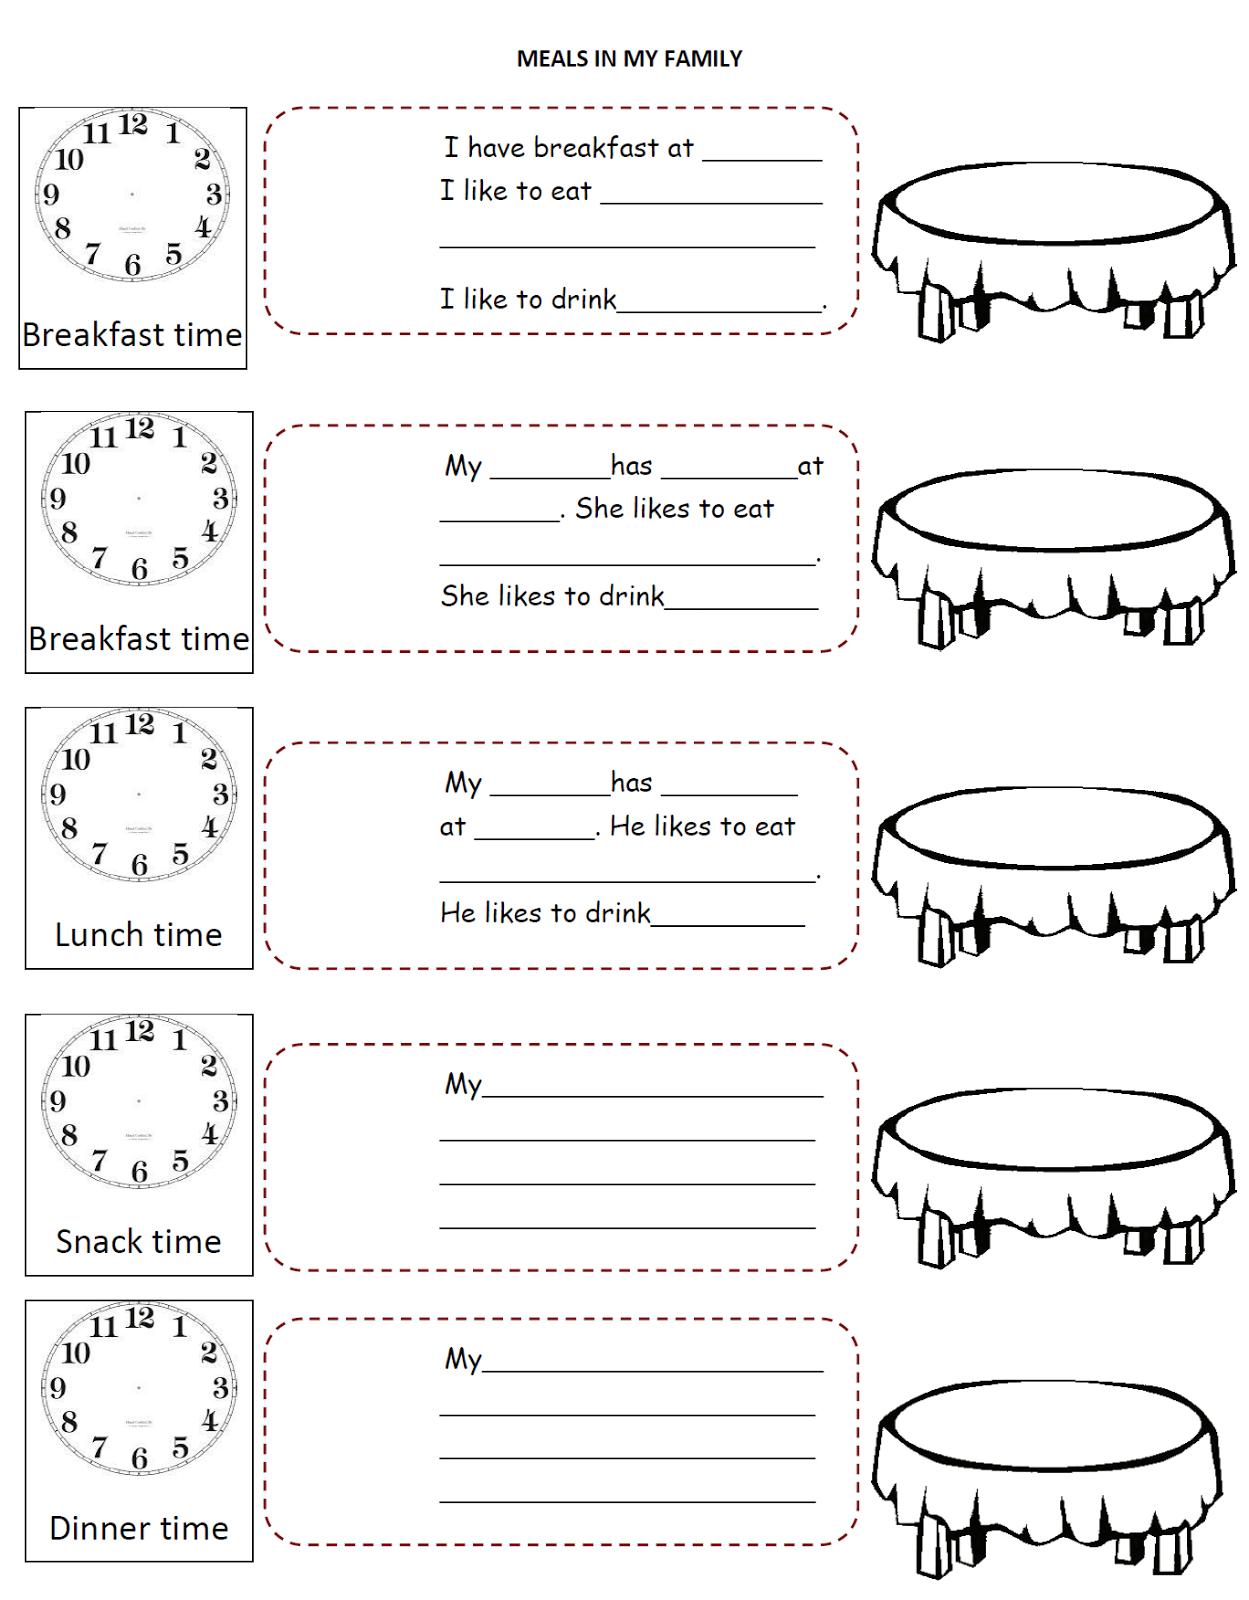 worksheet time zone worksheet grass fedjp worksheet study site. Black Bedroom Furniture Sets. Home Design Ideas